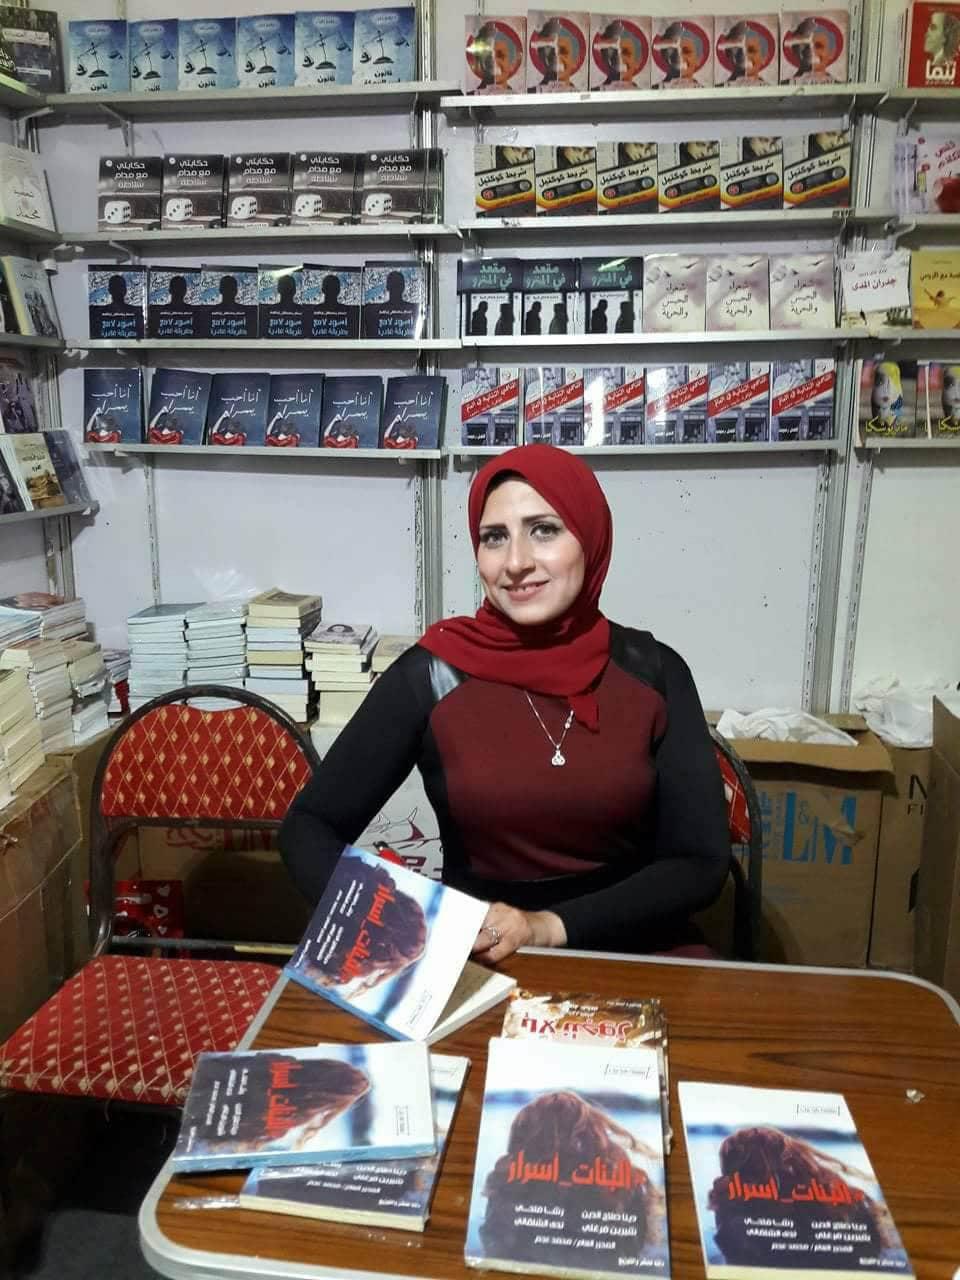 رشا فتحى توقع كتاب البنات أسرار بمعرض القاهرة للكتاب (7)